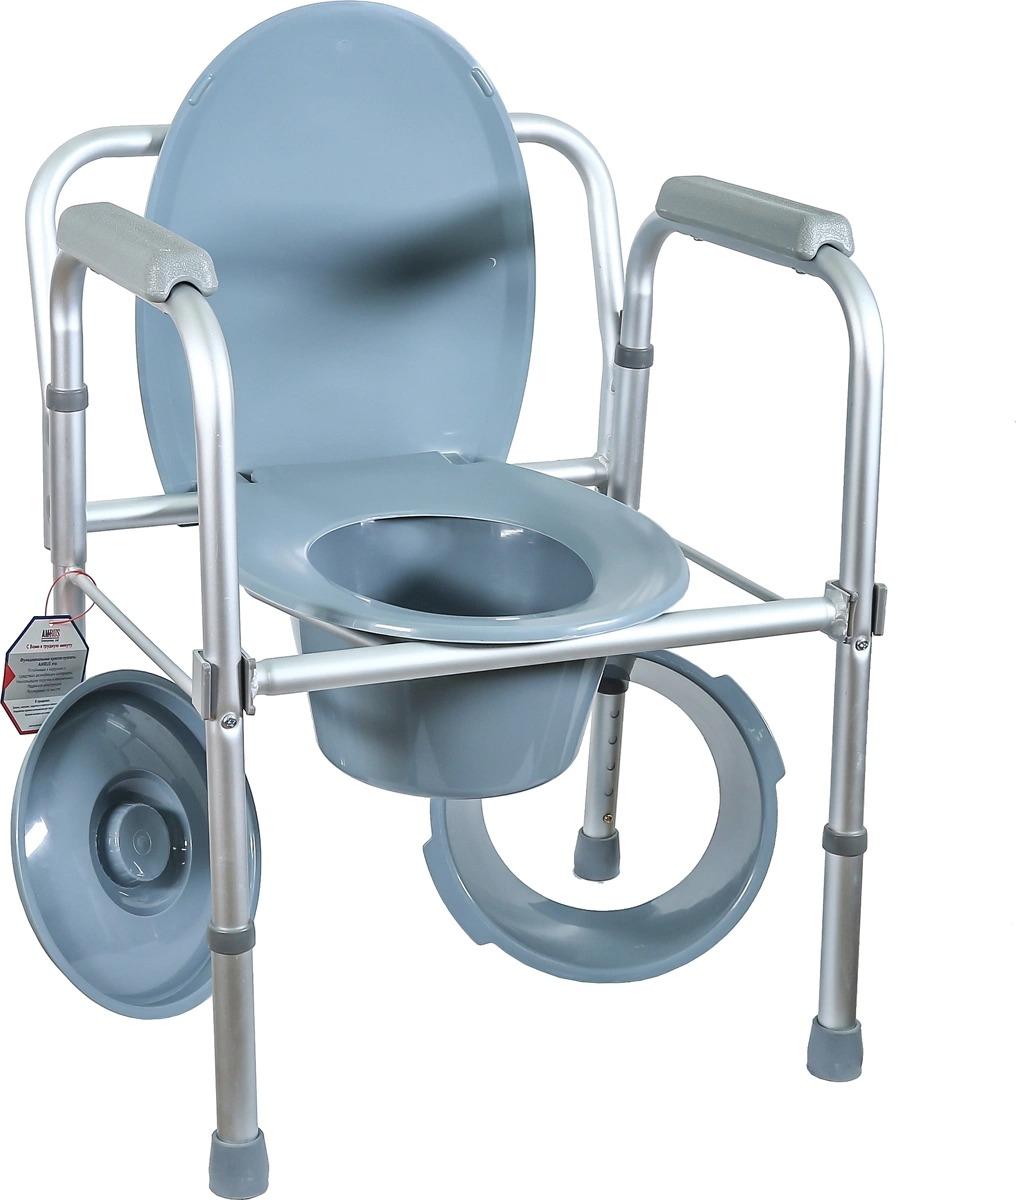 Кресло туалет, складное Amrus AMCB6808